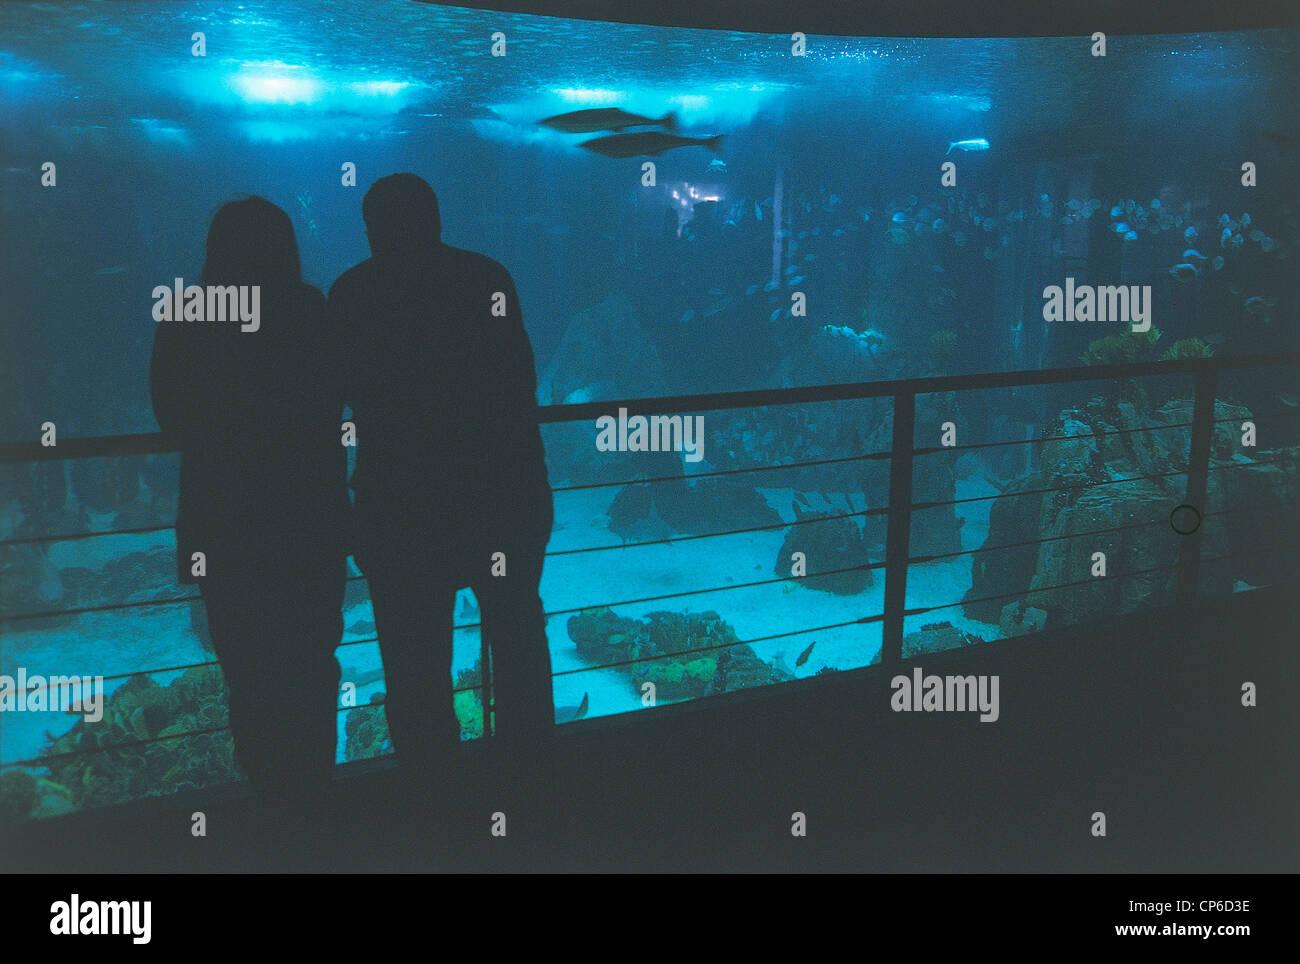 Portugal Lisbon Parque das Nac?es, Expo '98. Oceanarium (aquarium dedicated to ocean) (architect Peter Chermayeff, - Stock Image